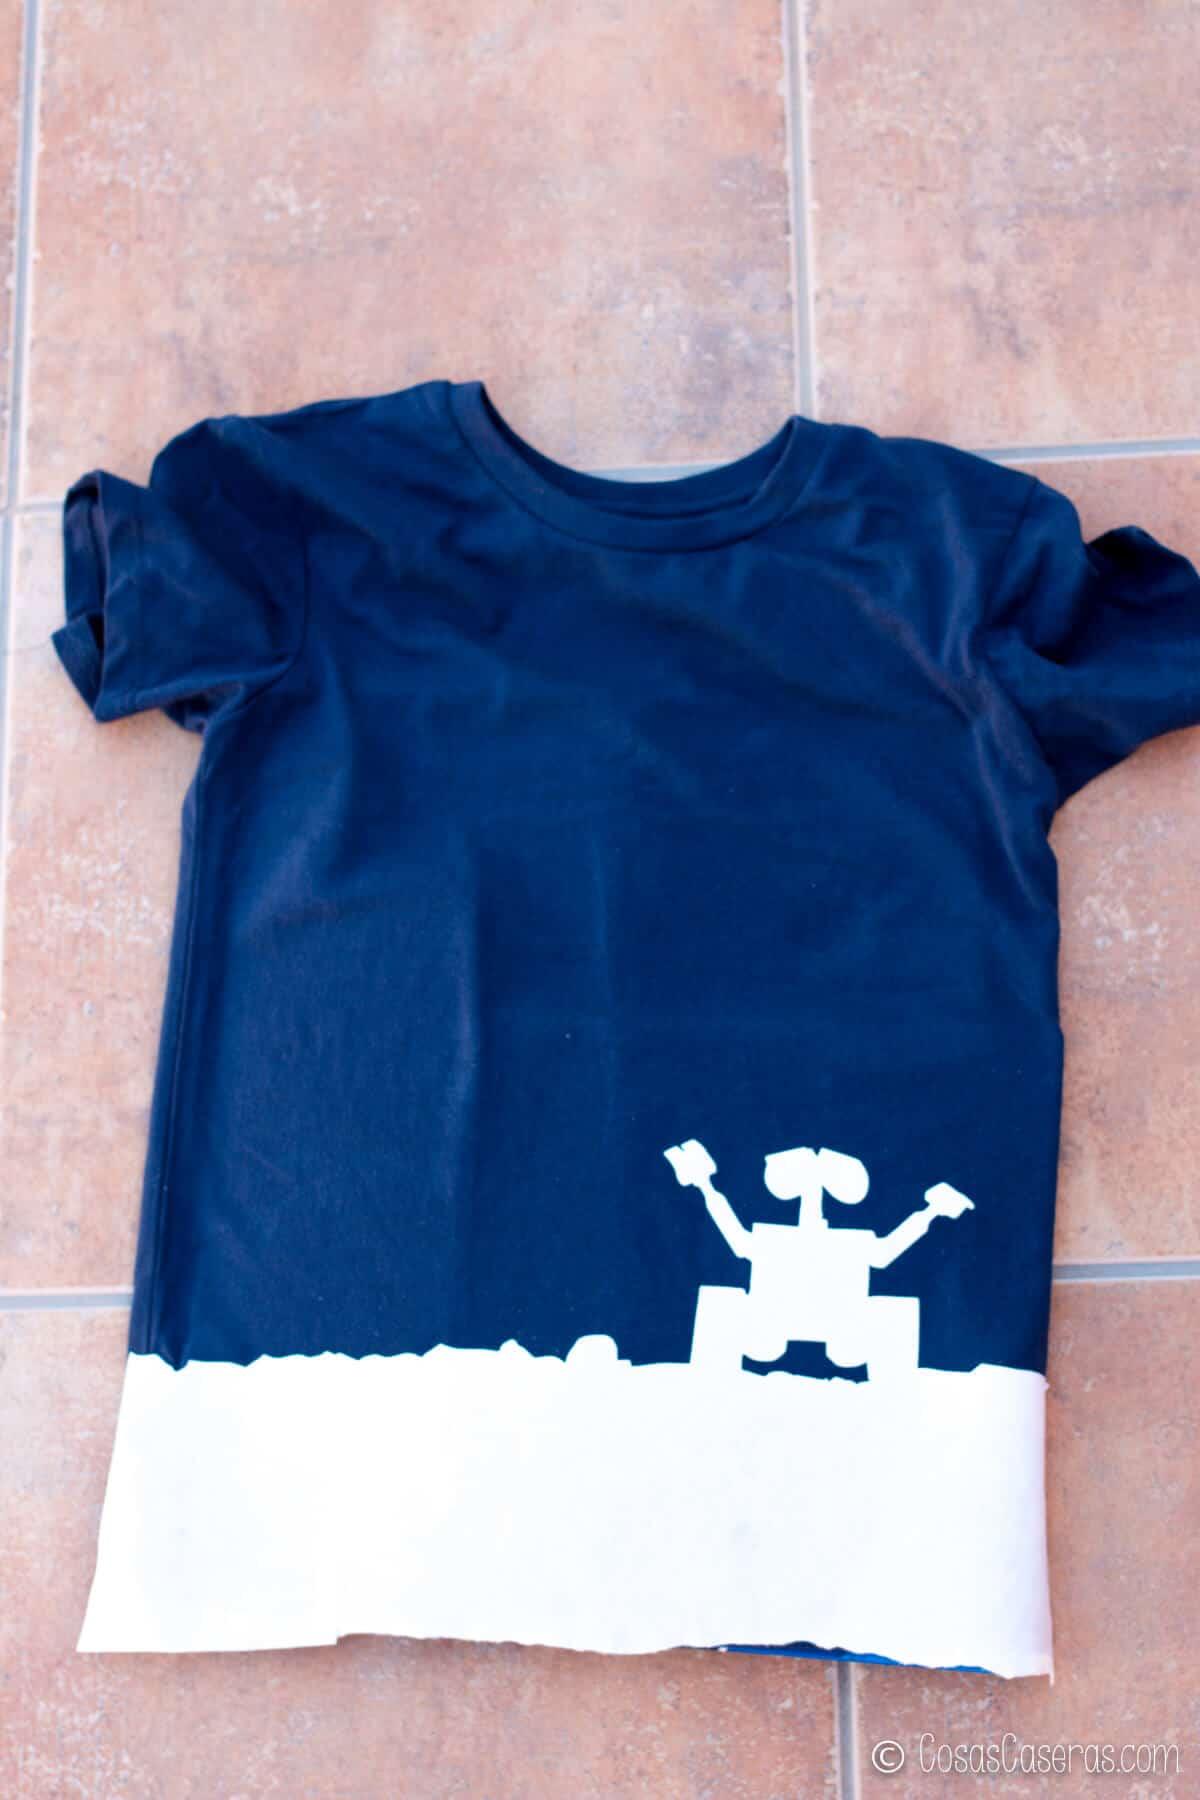 Camiseta con silueta de Wall-E en papel de congelador pegado a la parte inferior